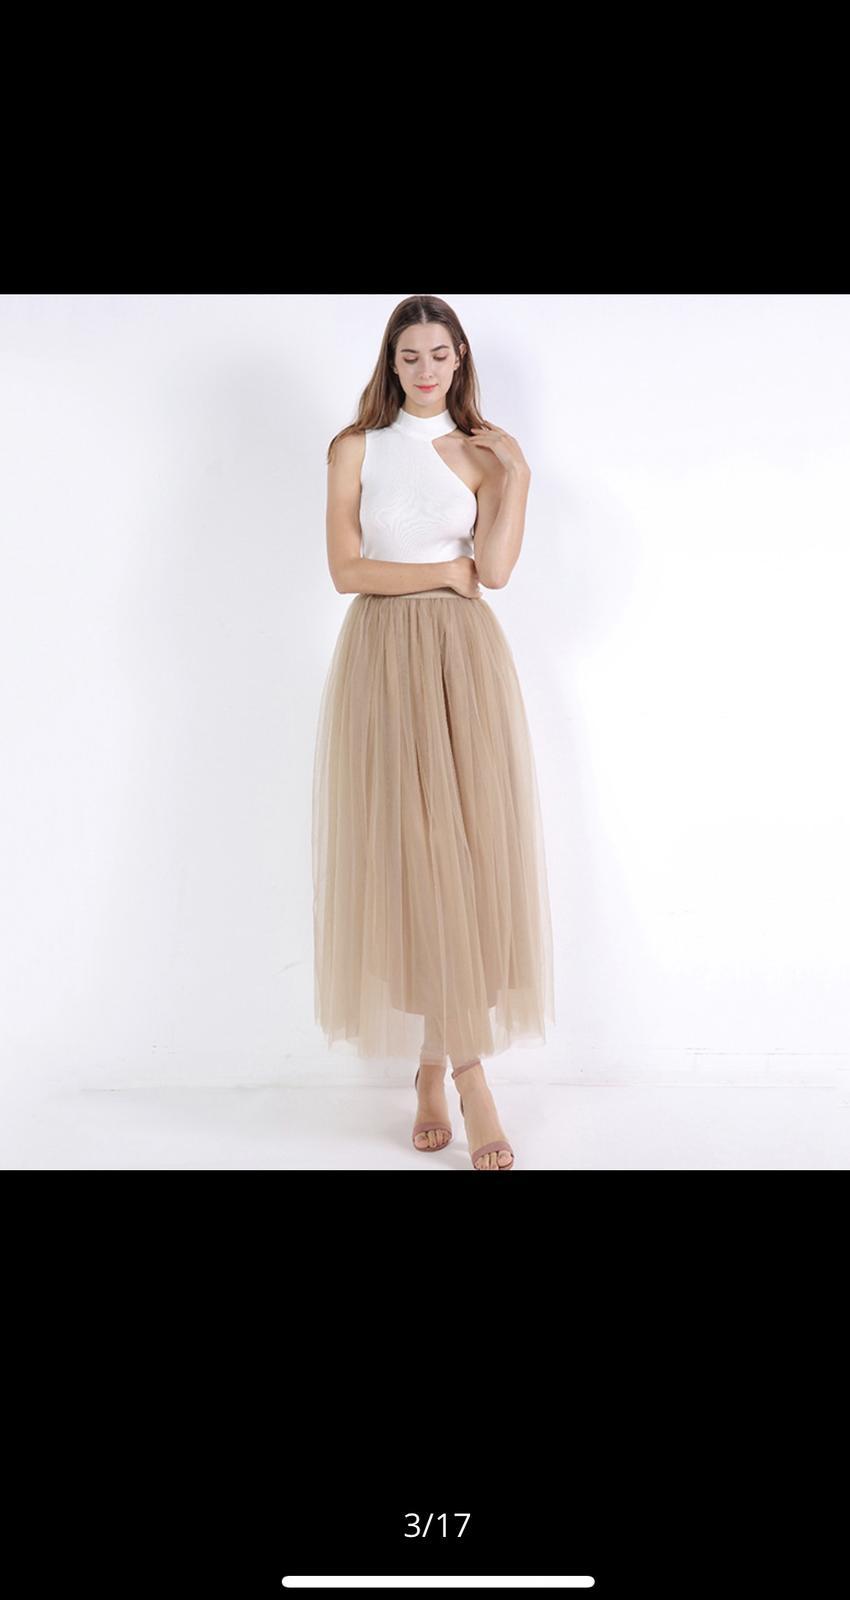 béžová tylová sukně - Obrázek č. 1